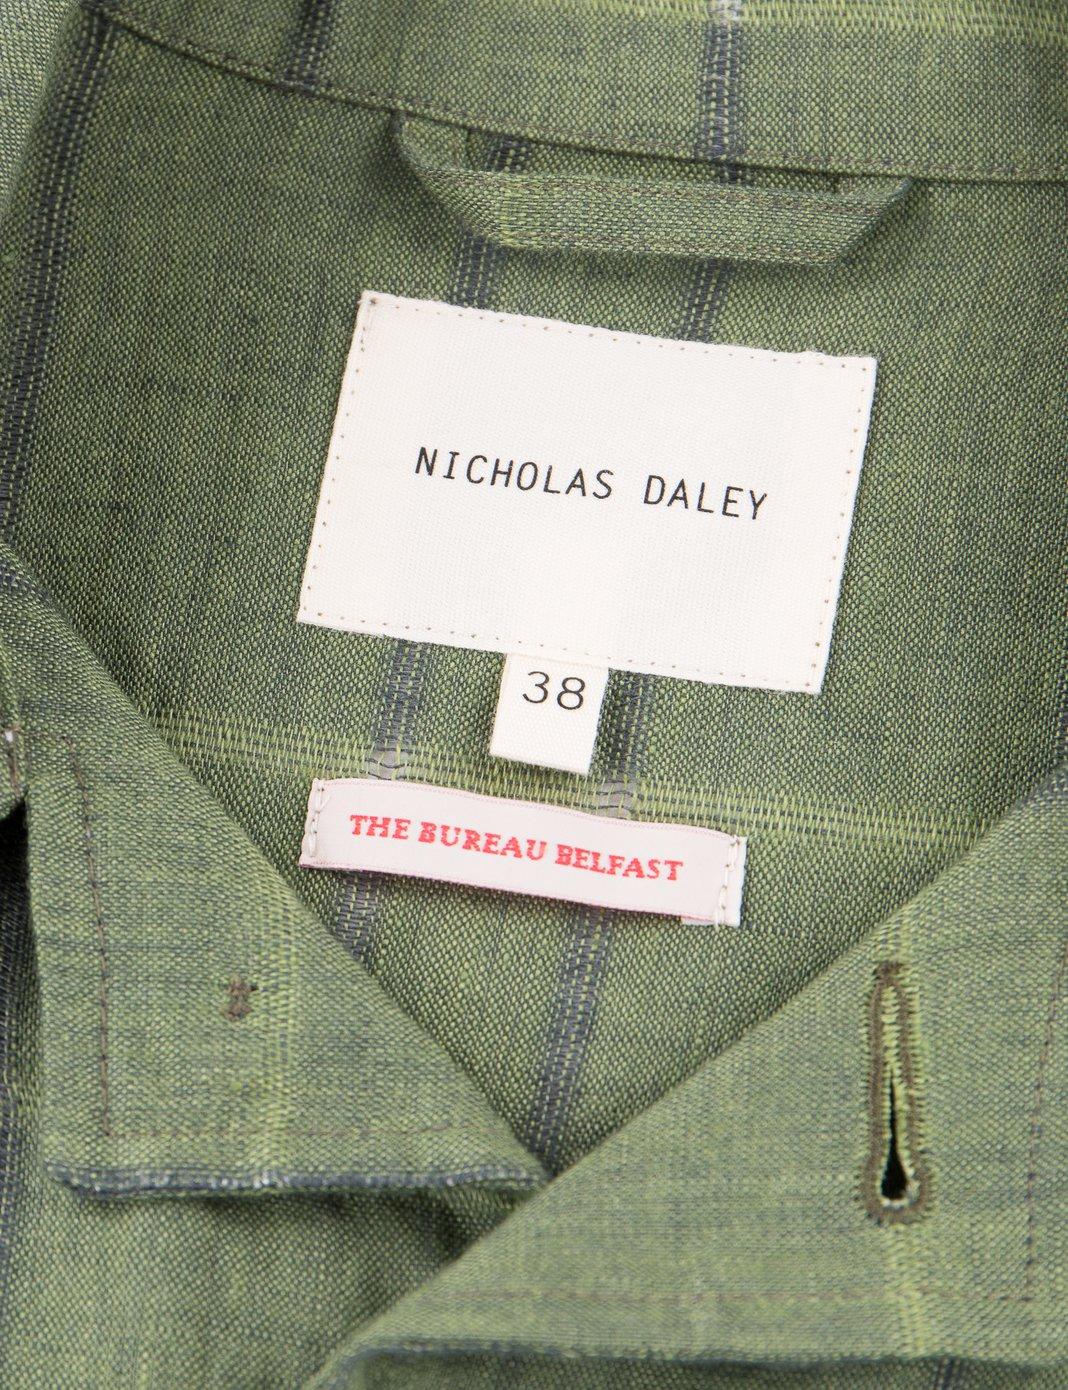 NICHOLAS DALEY